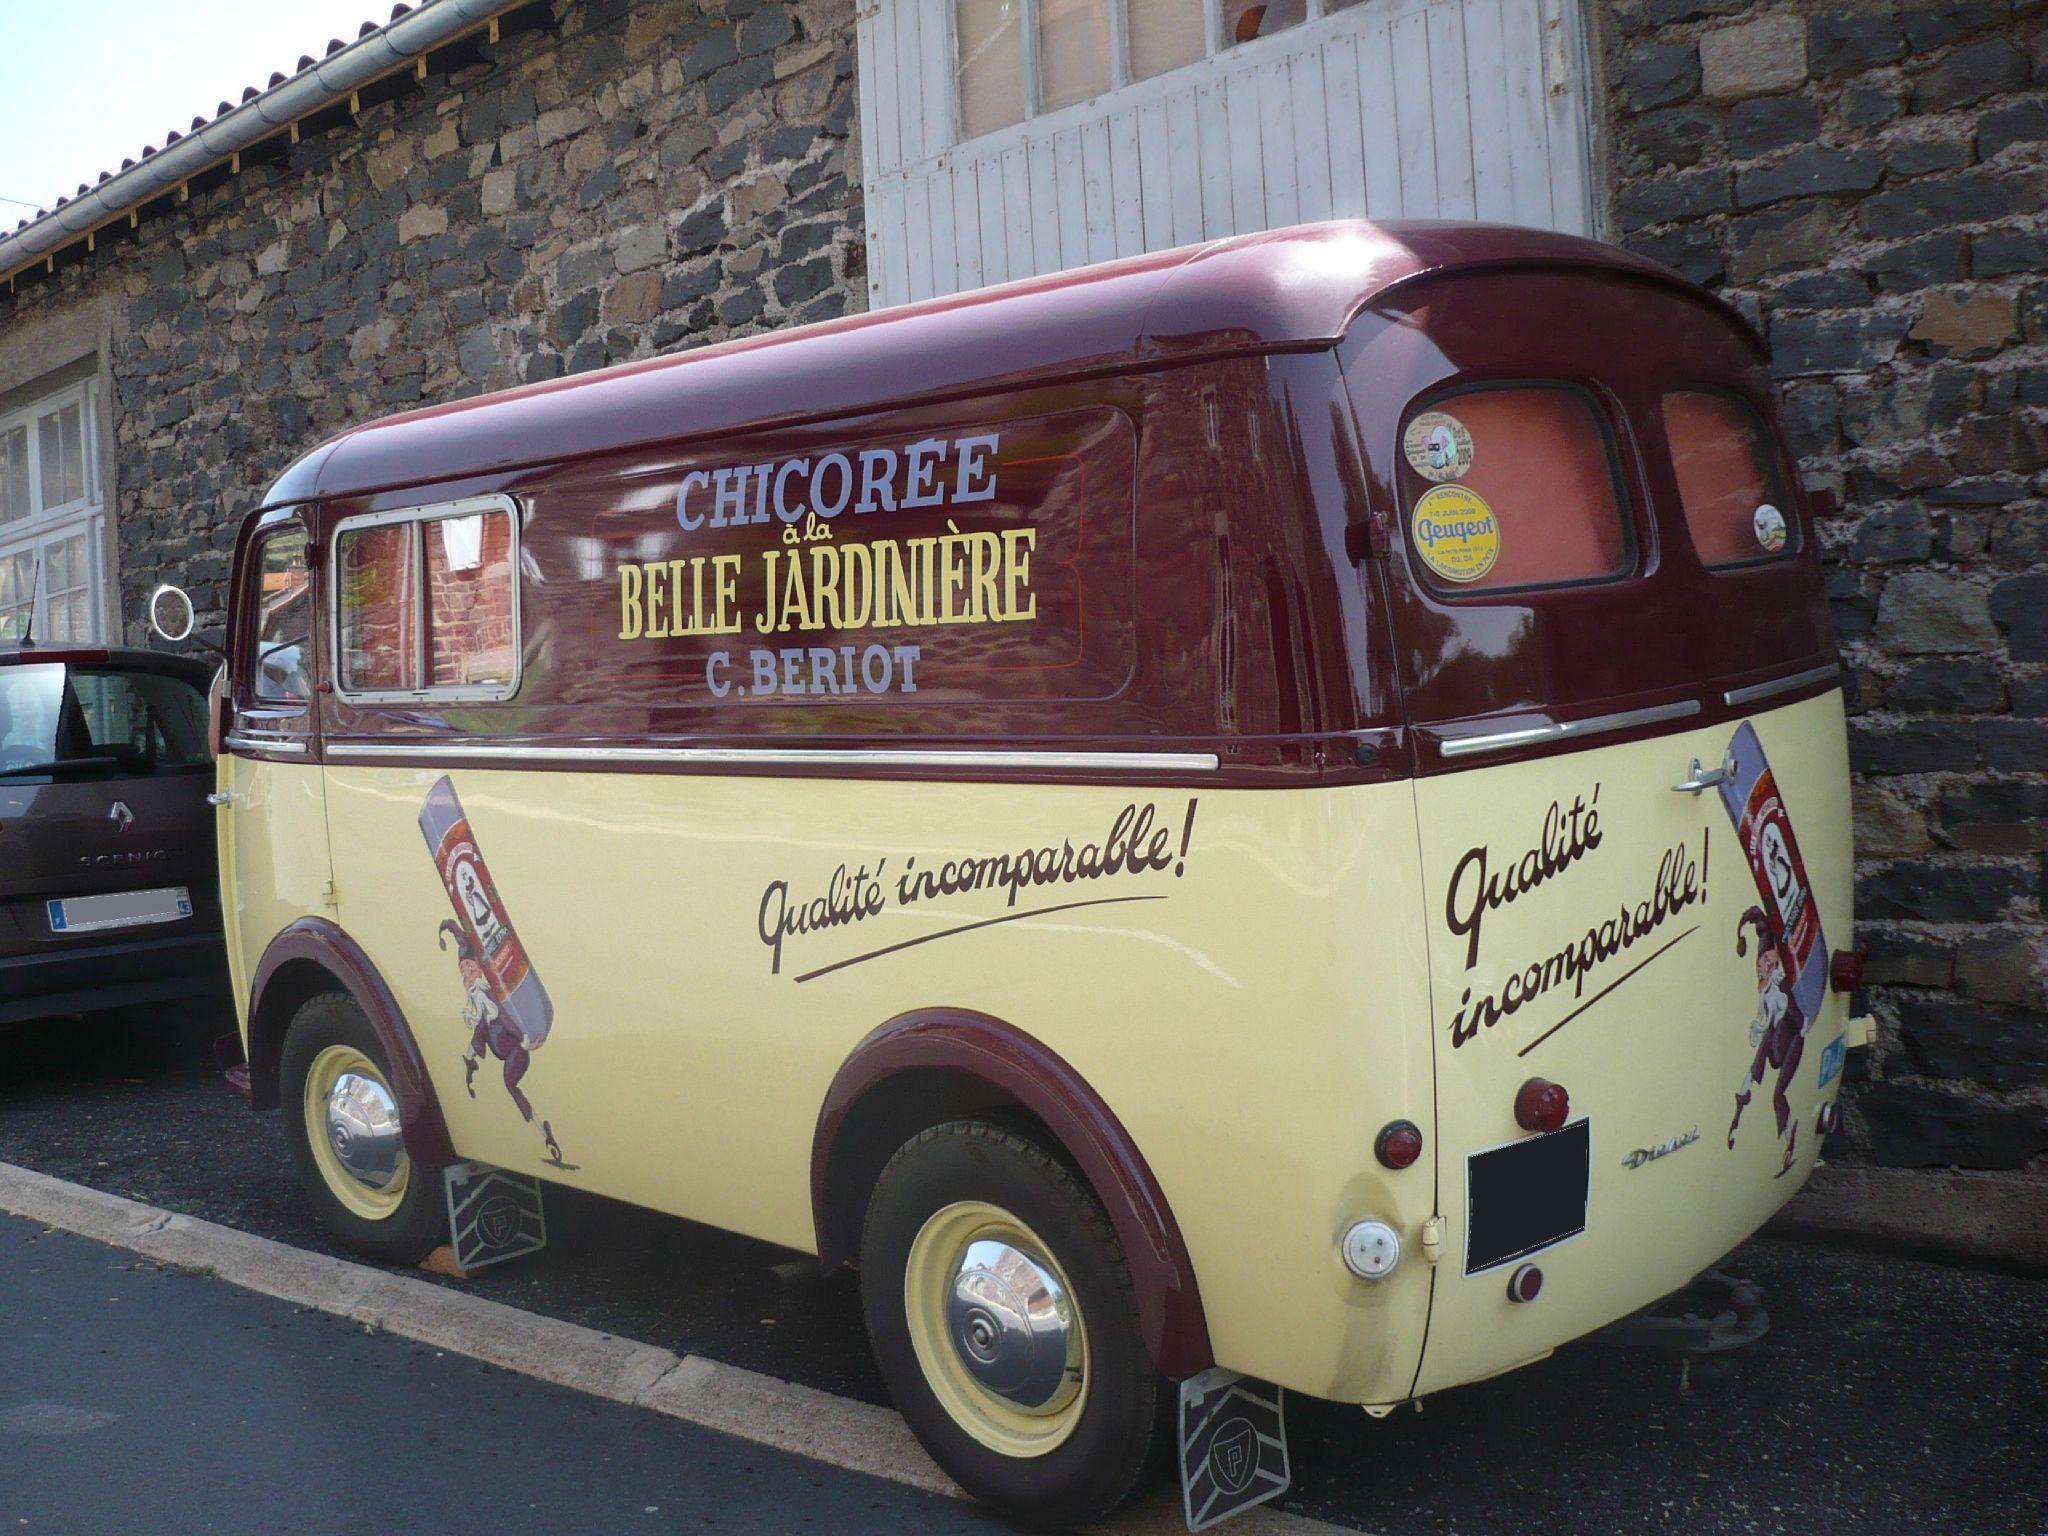 peugeot d4bd fourgon 1961 vroom vroom peugeot cars and commercial van. Black Bedroom Furniture Sets. Home Design Ideas